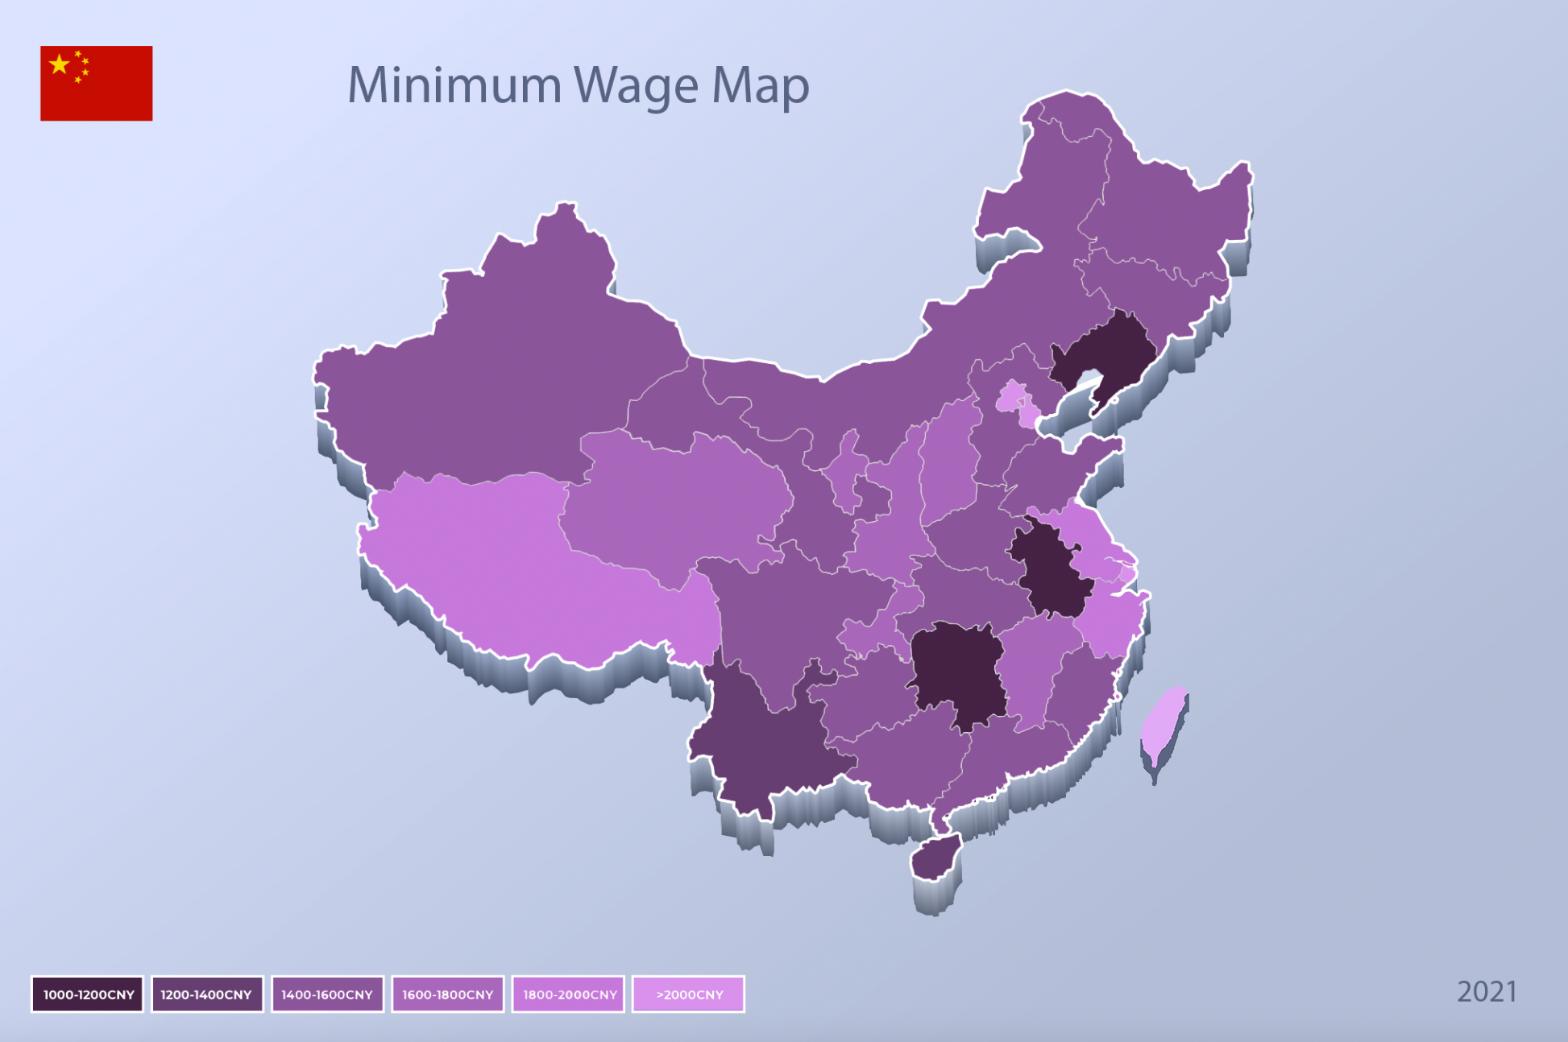 China minimum wage